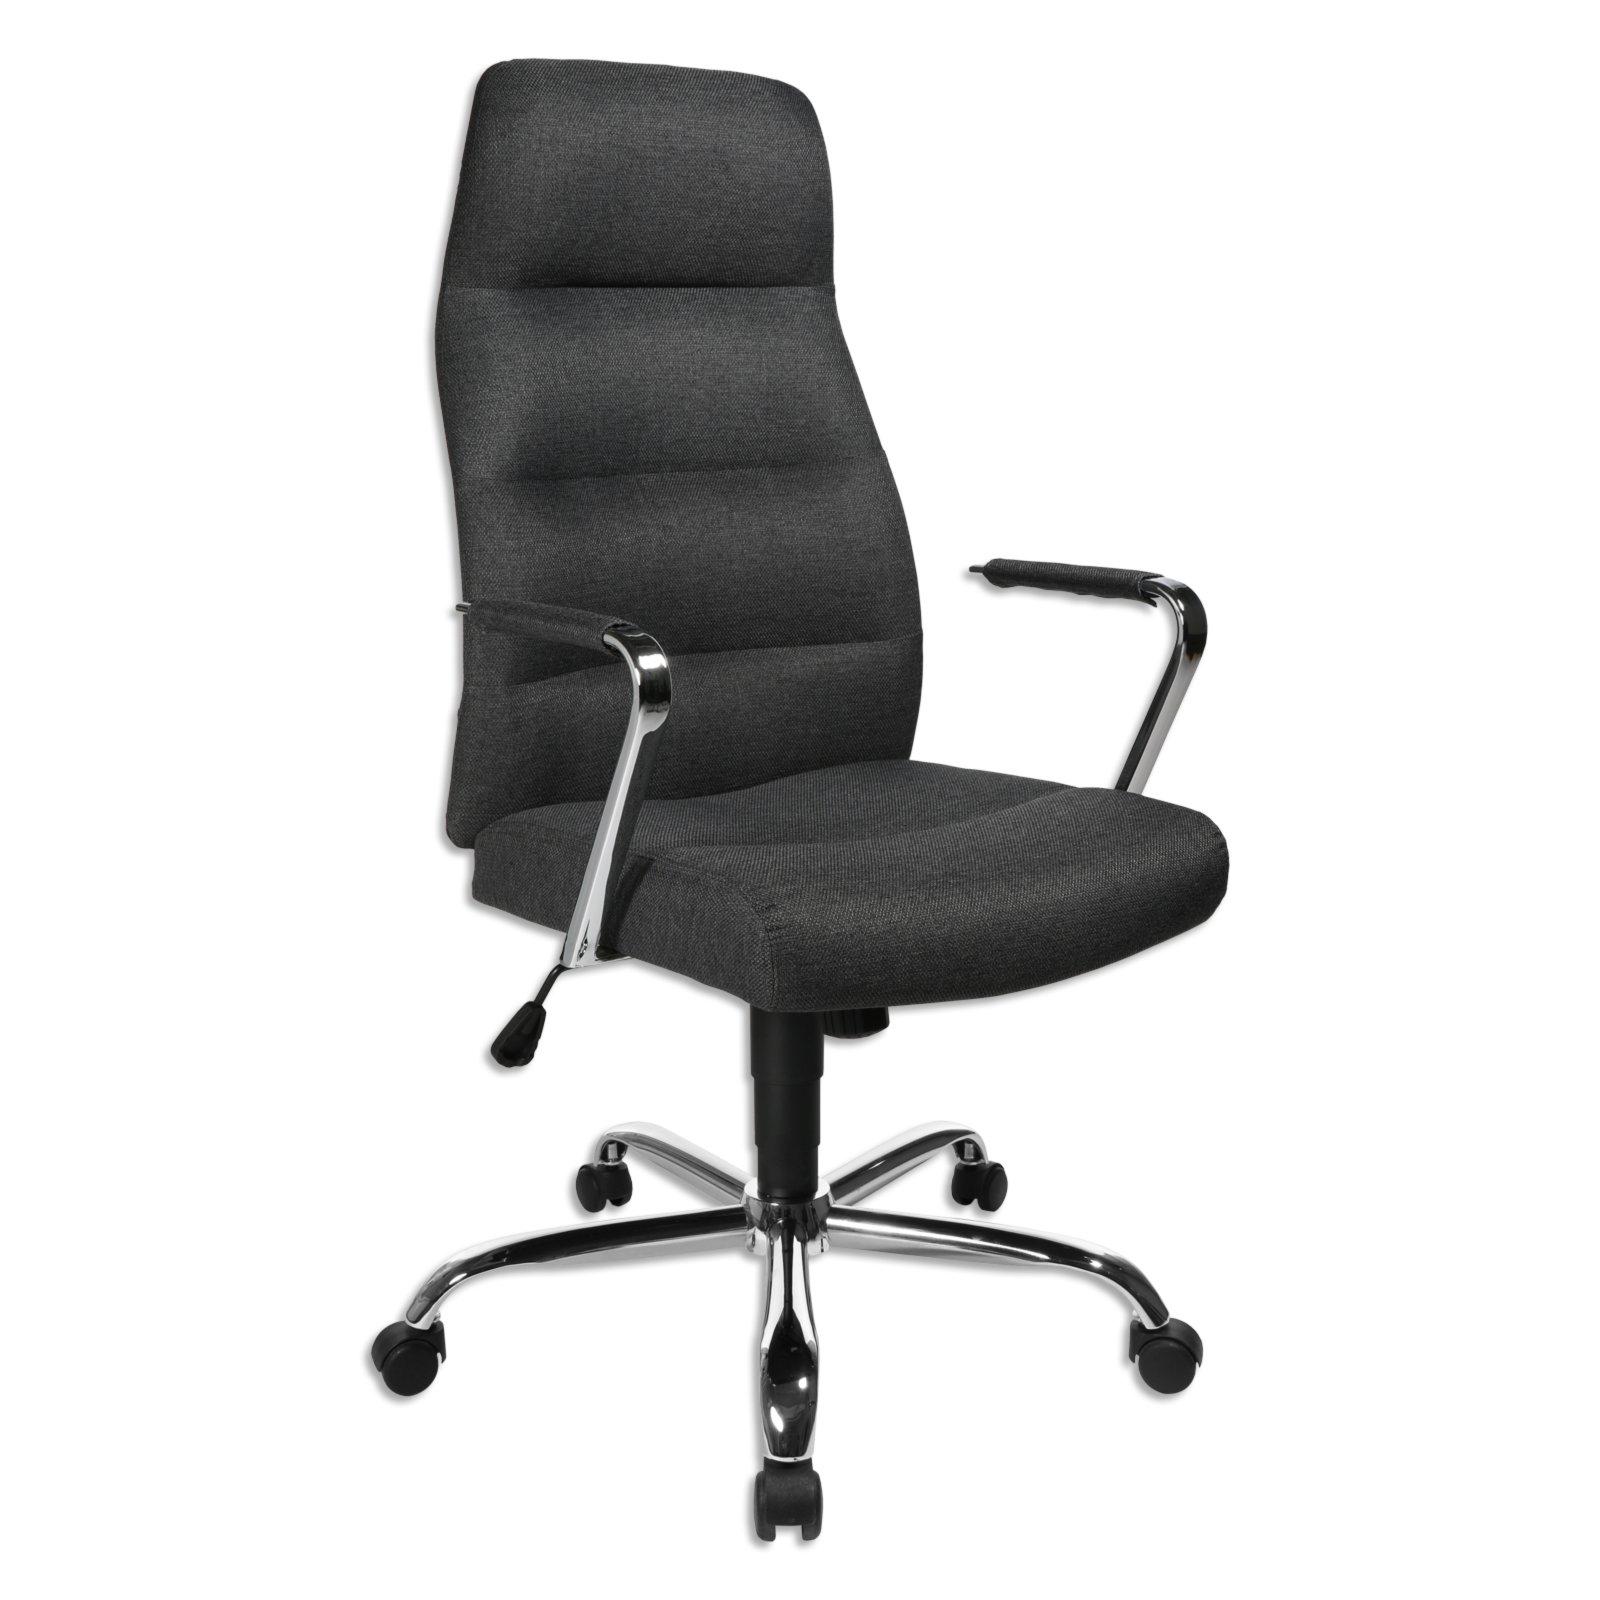 drehstuhl chairman schwarz wippmechanik schreibtisch b rost hle st hle hocker. Black Bedroom Furniture Sets. Home Design Ideas